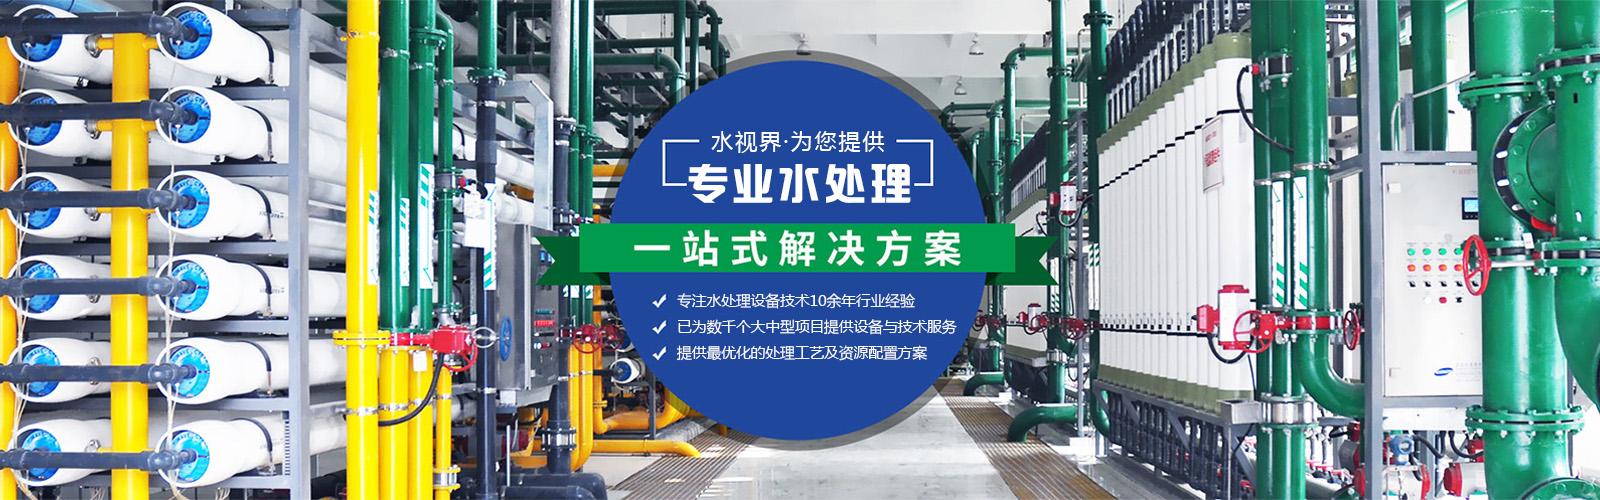 东莞市水视界环保科技超碰公开视频